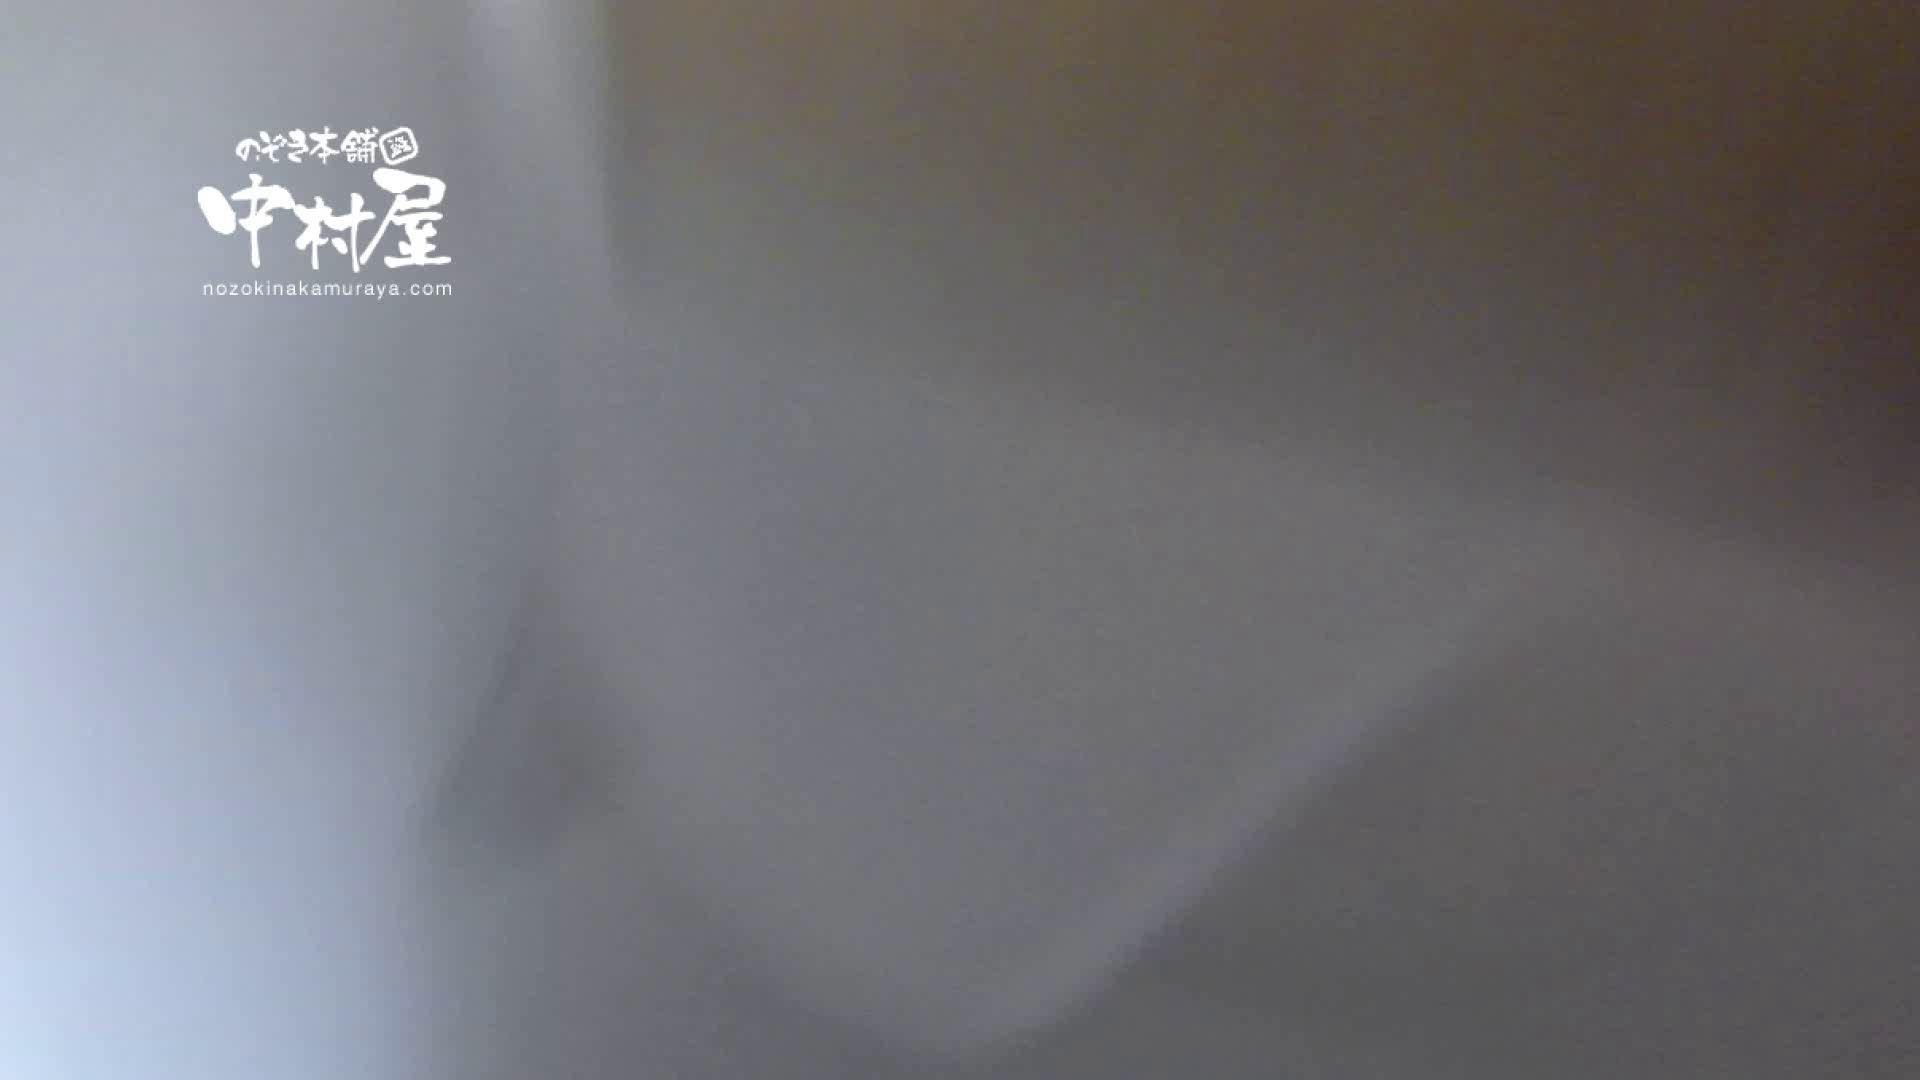 鬼畜 vol.07 パイパンだと?!中出ししてやる! 前編 0  101連発 42